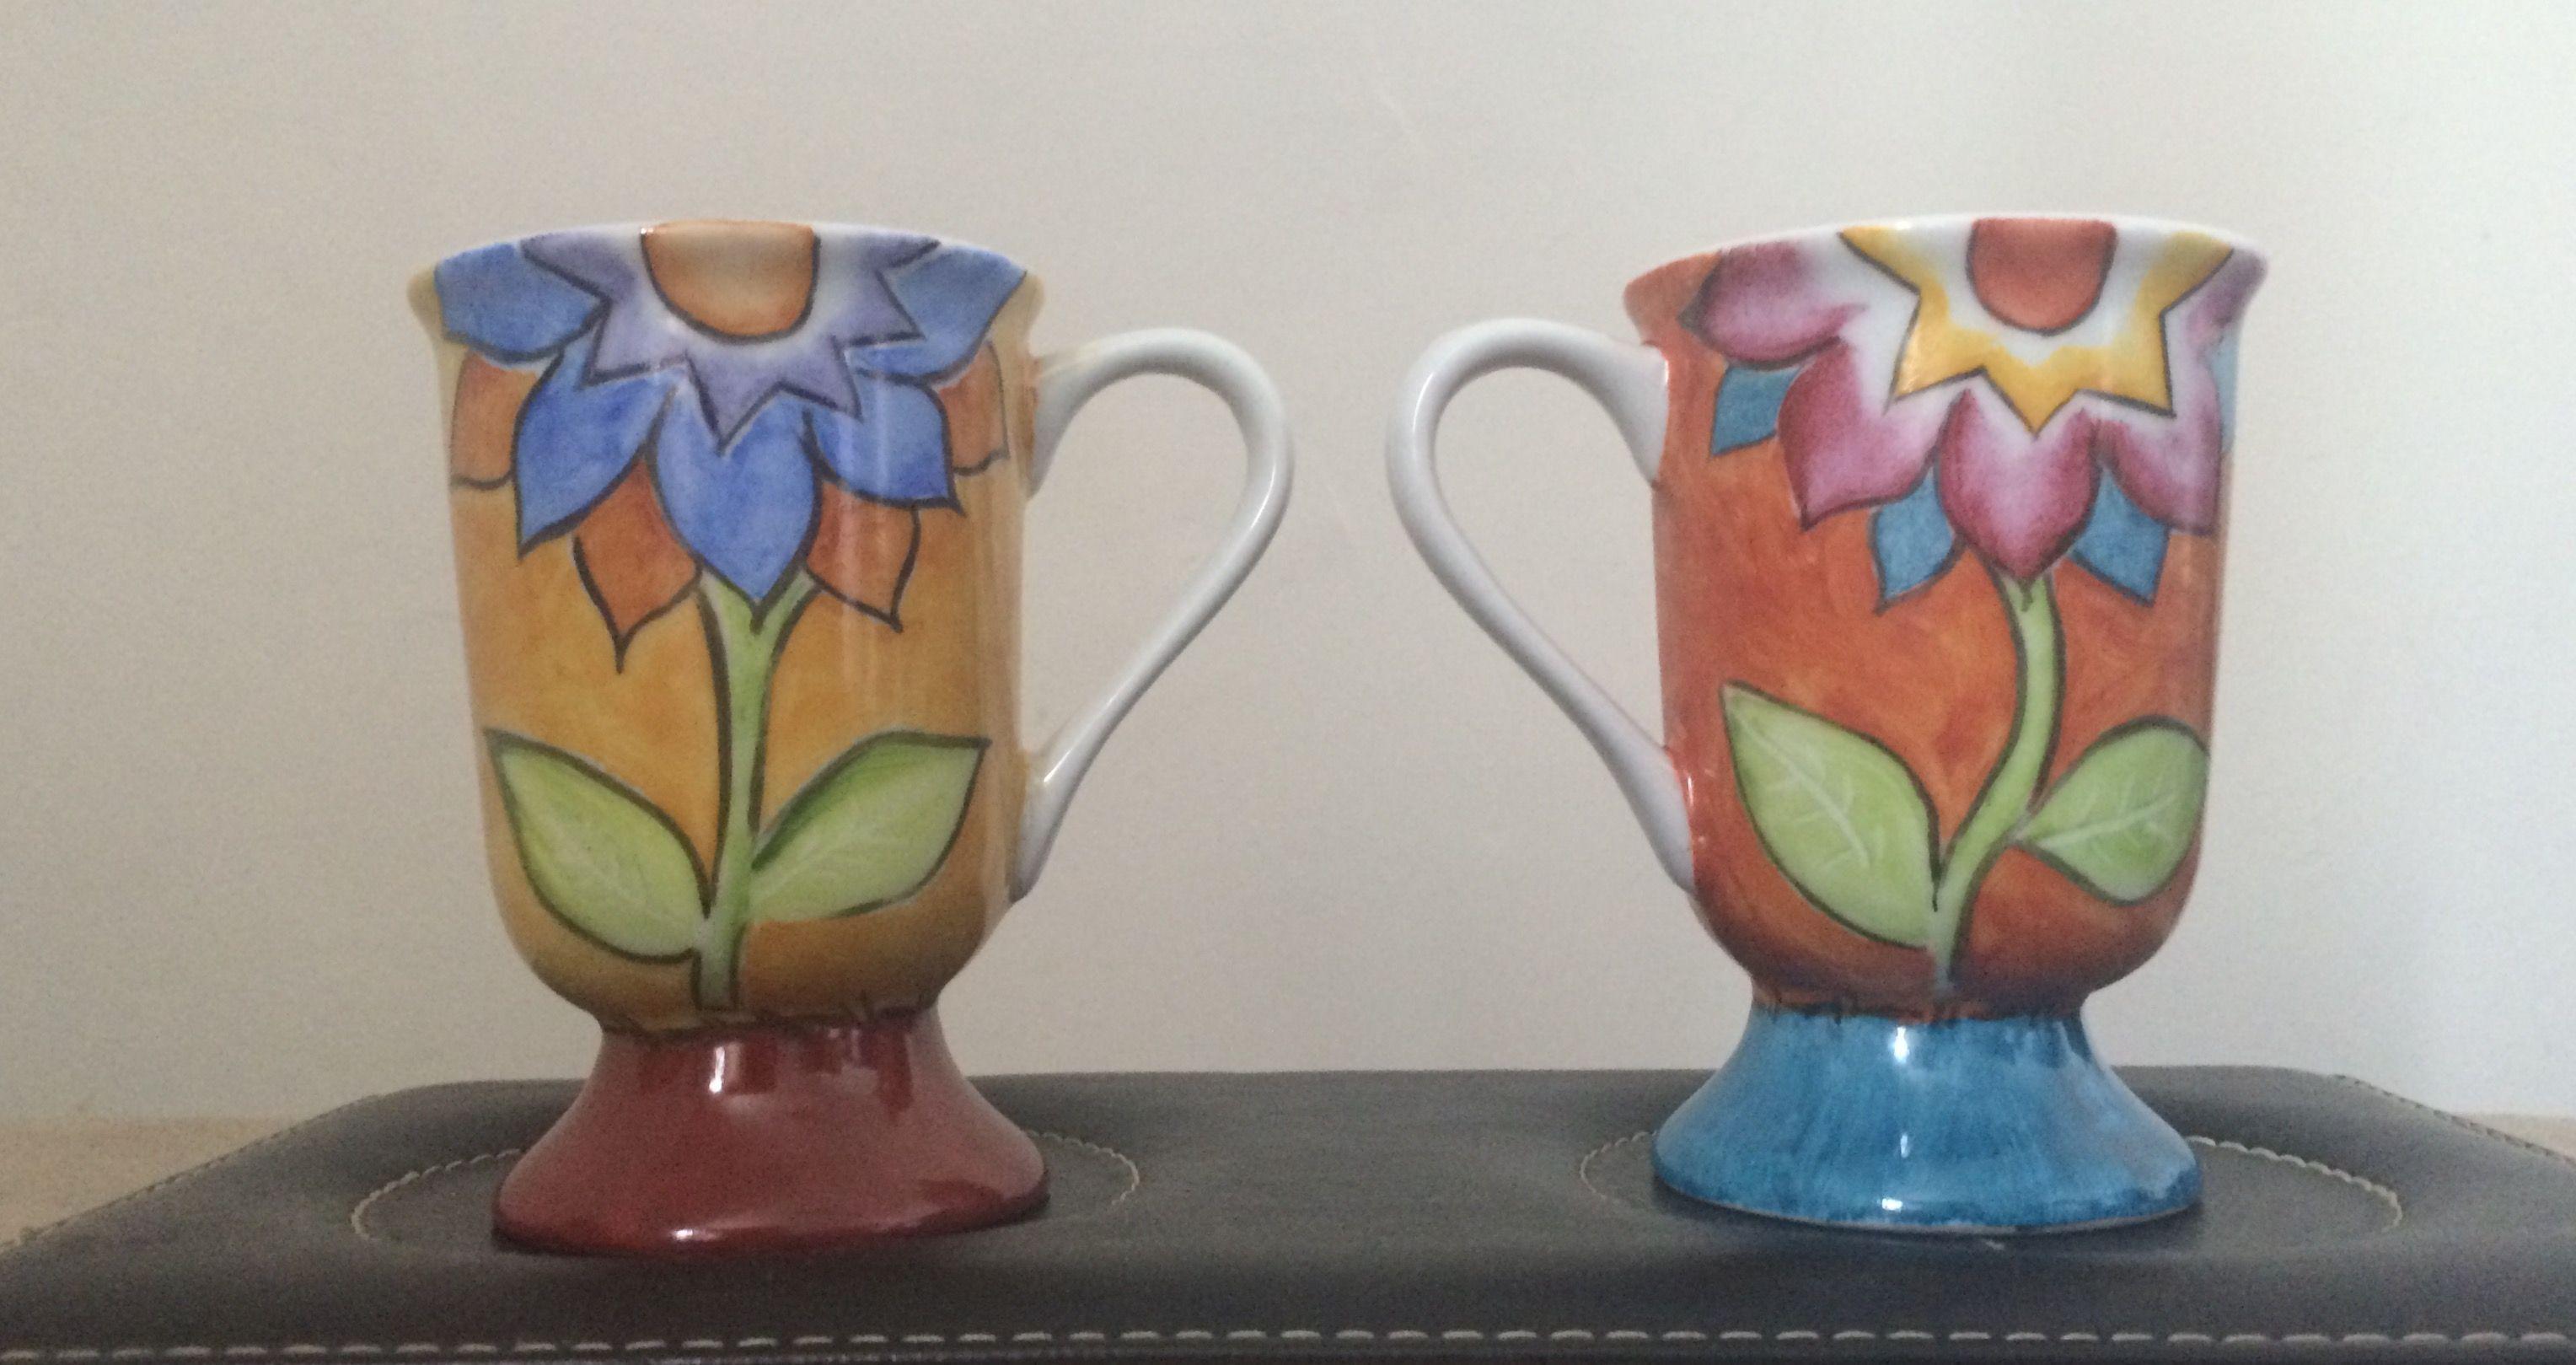 Porcelana pintada à mão por Alcione Ortiga